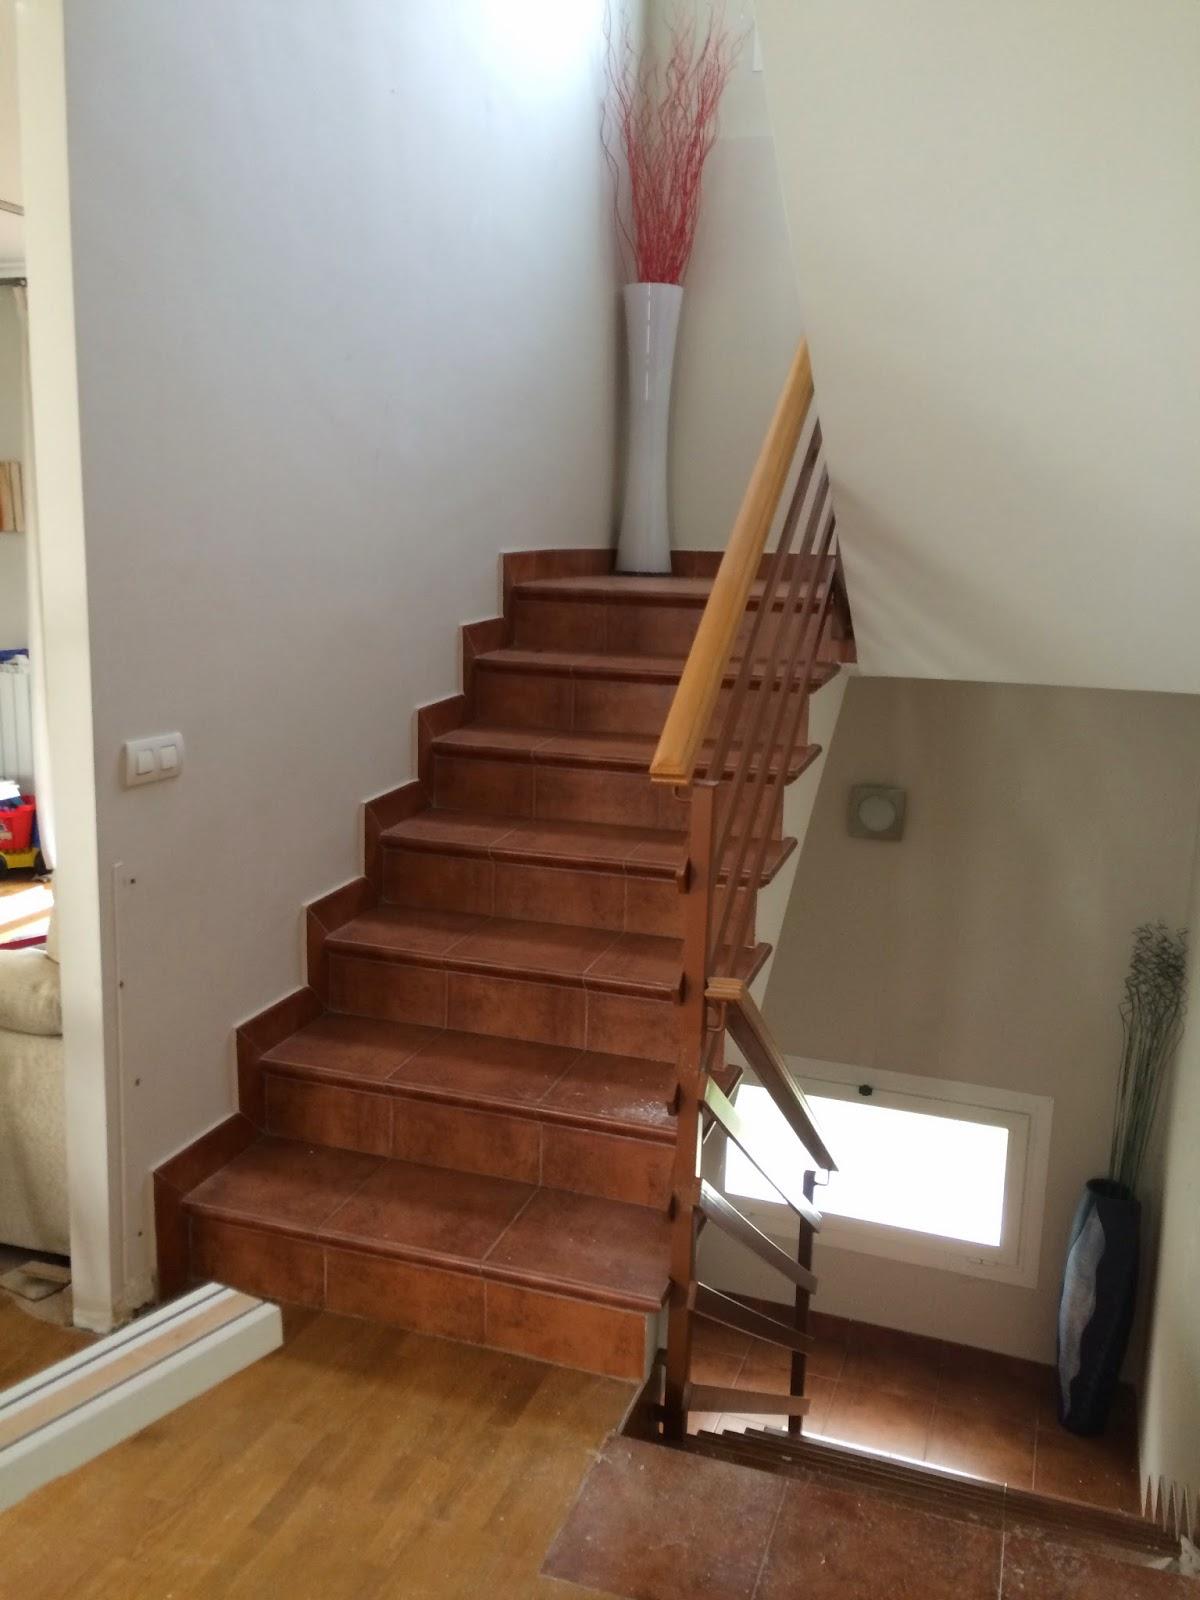 El carpintero cerramiento hueco de escalera - Cerramientos de escaleras ...